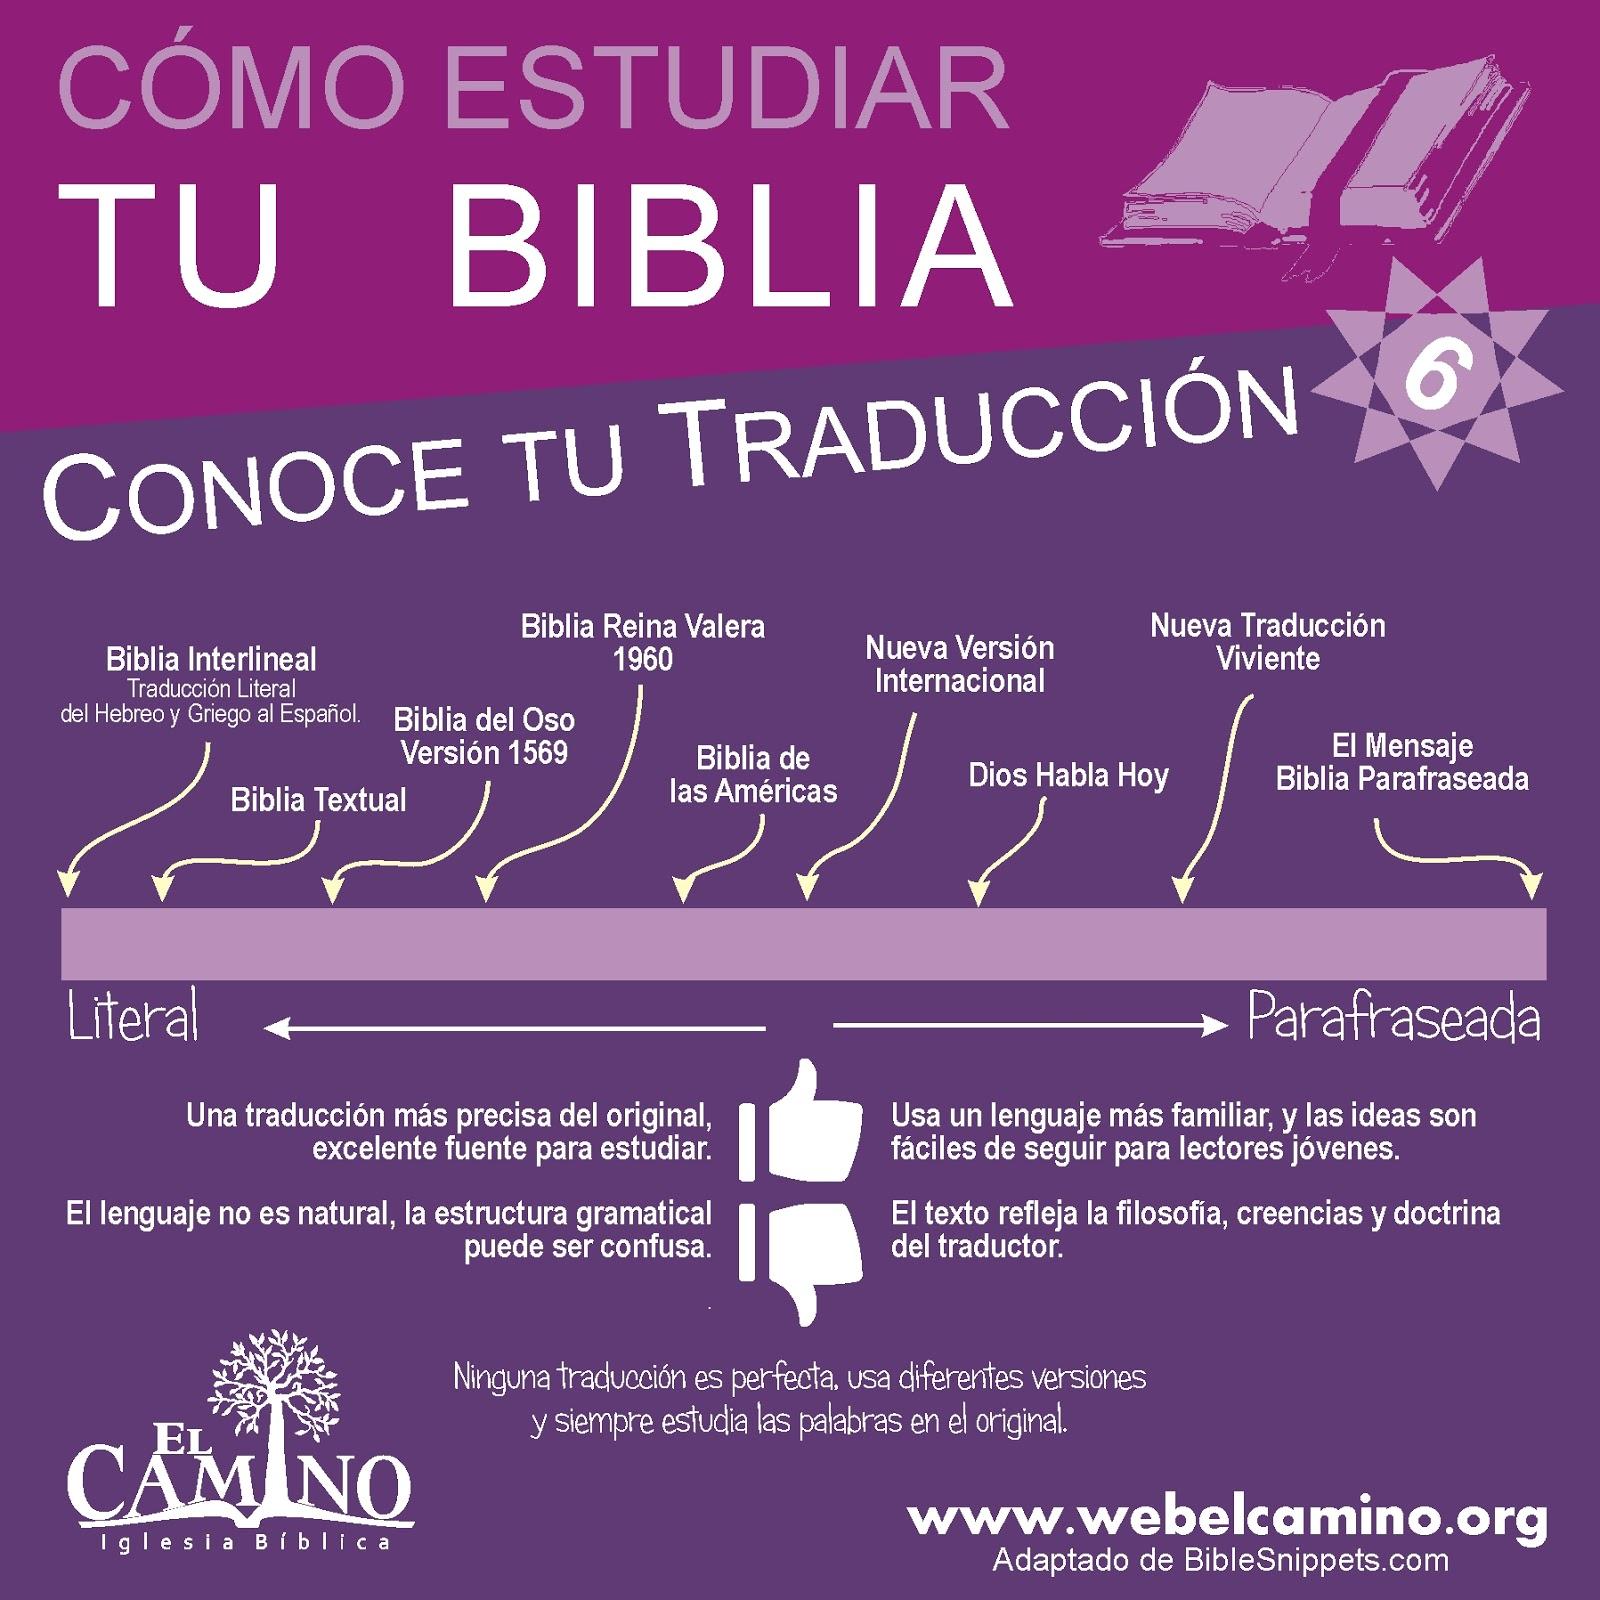 1000 ideas about biblia on pinterest dios psalms and for La zanahoria es una hortaliza